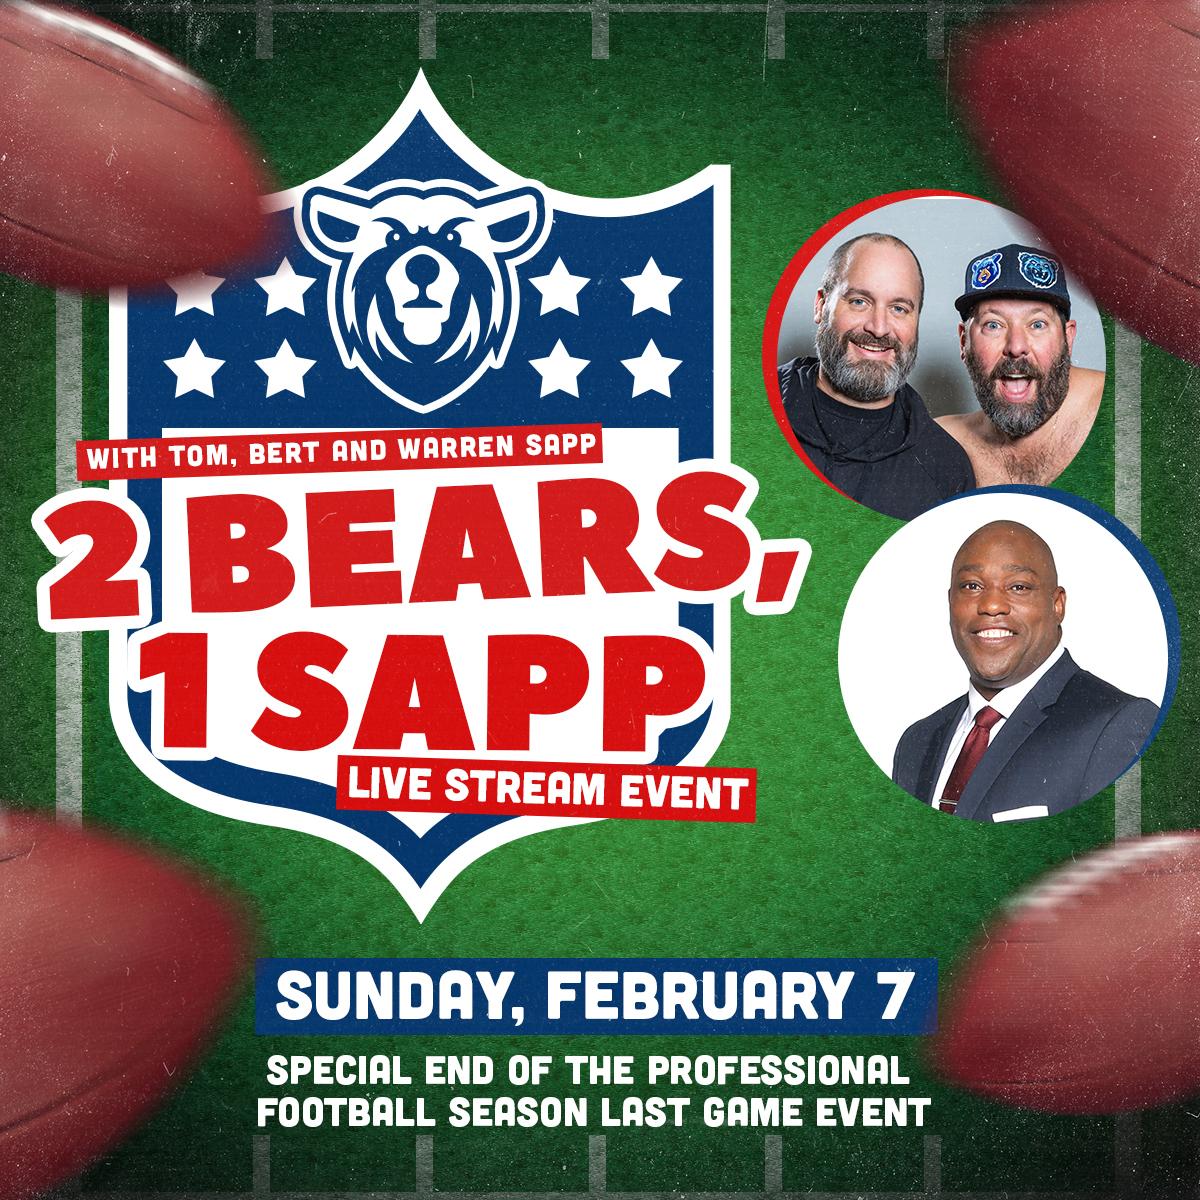 2 Bears, 1 Sapp - Livestream Event